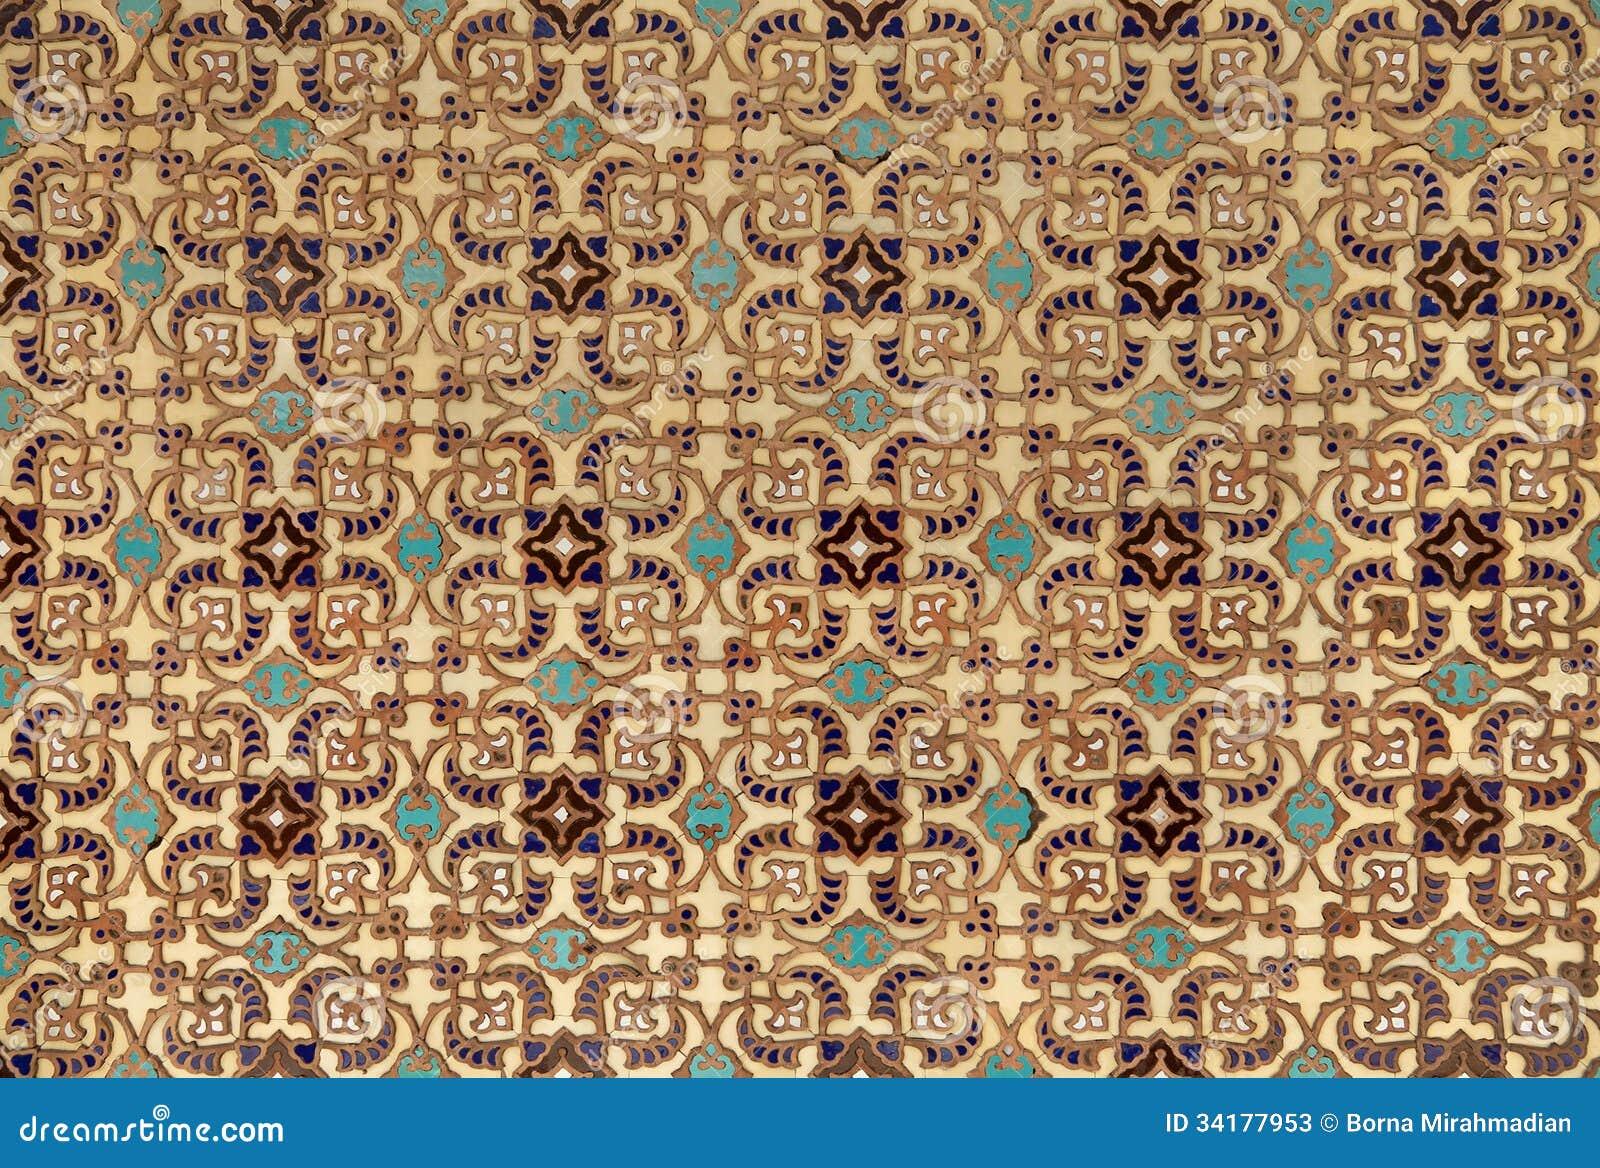 Tegels Met Patroon : Perzische tegels met oud islamitisch patroon stock afbeelding